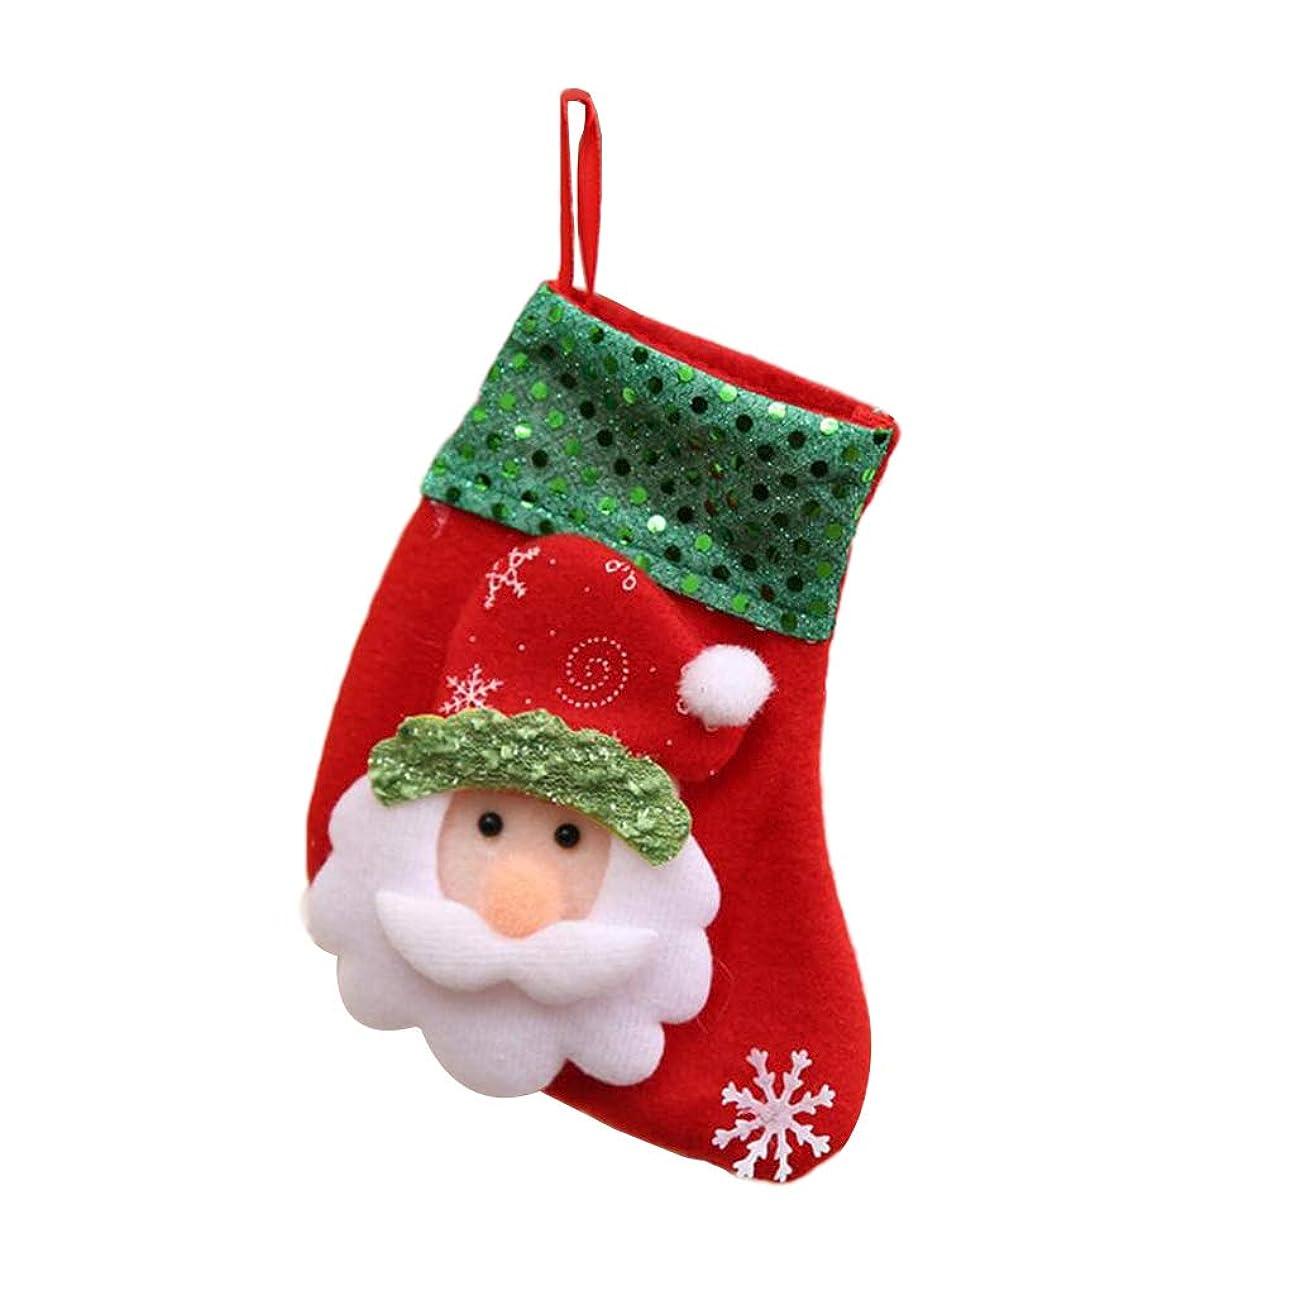 代替倫理概要FutuHome クリスマスソックス プレゼント袋 ギフト袋 クリスマスツリー飾り お菓子袋 全4パターン - サンタクロース